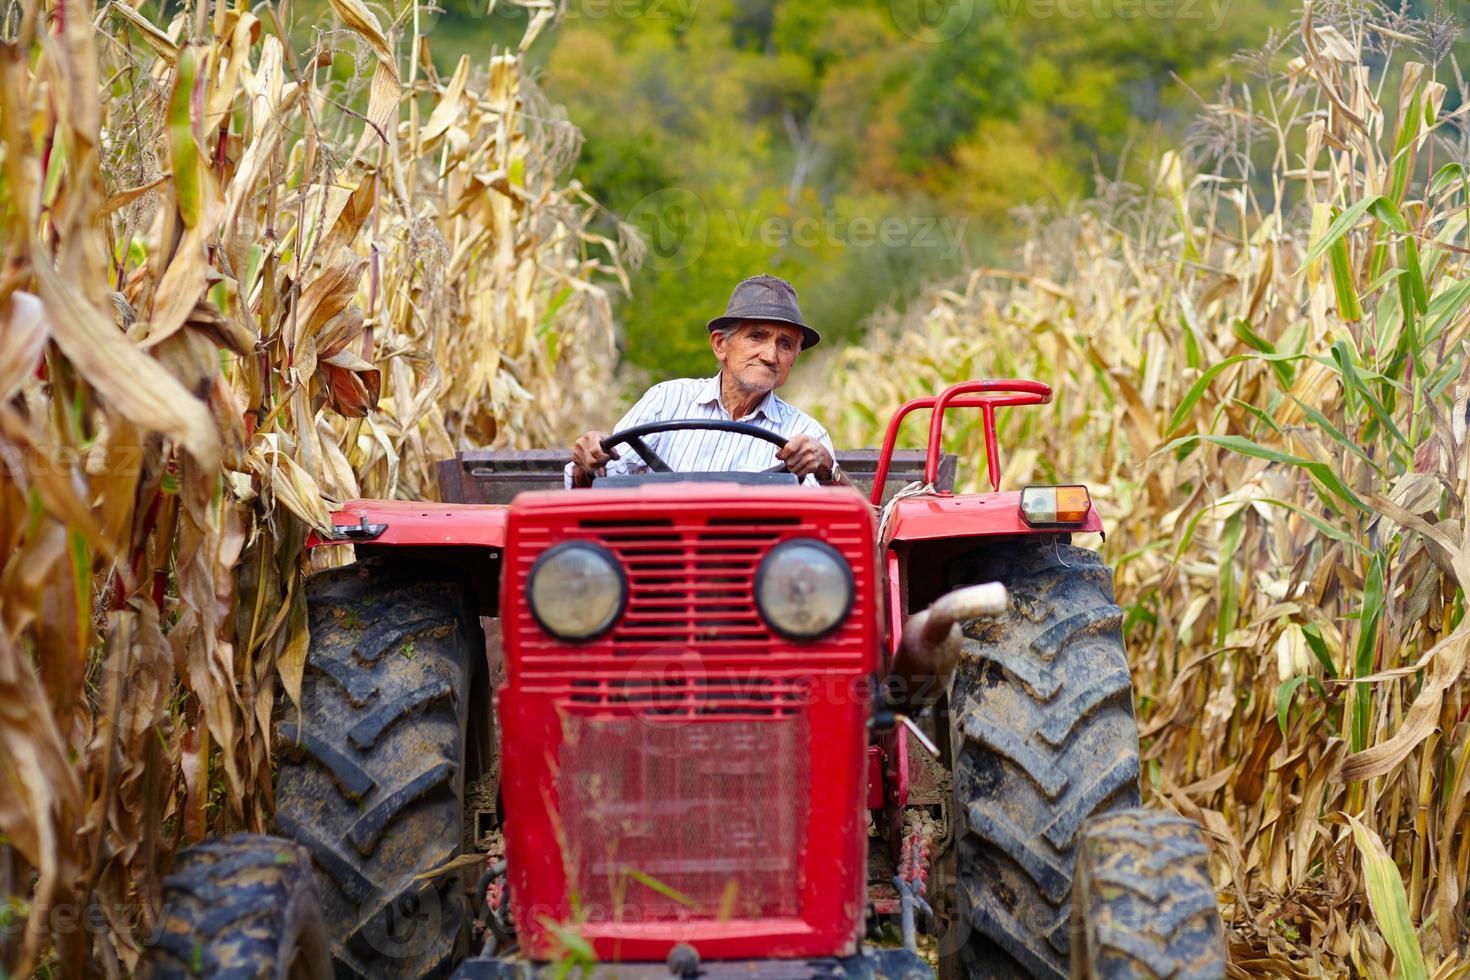 viejo agricultor manejando su tractor en el maizal foto